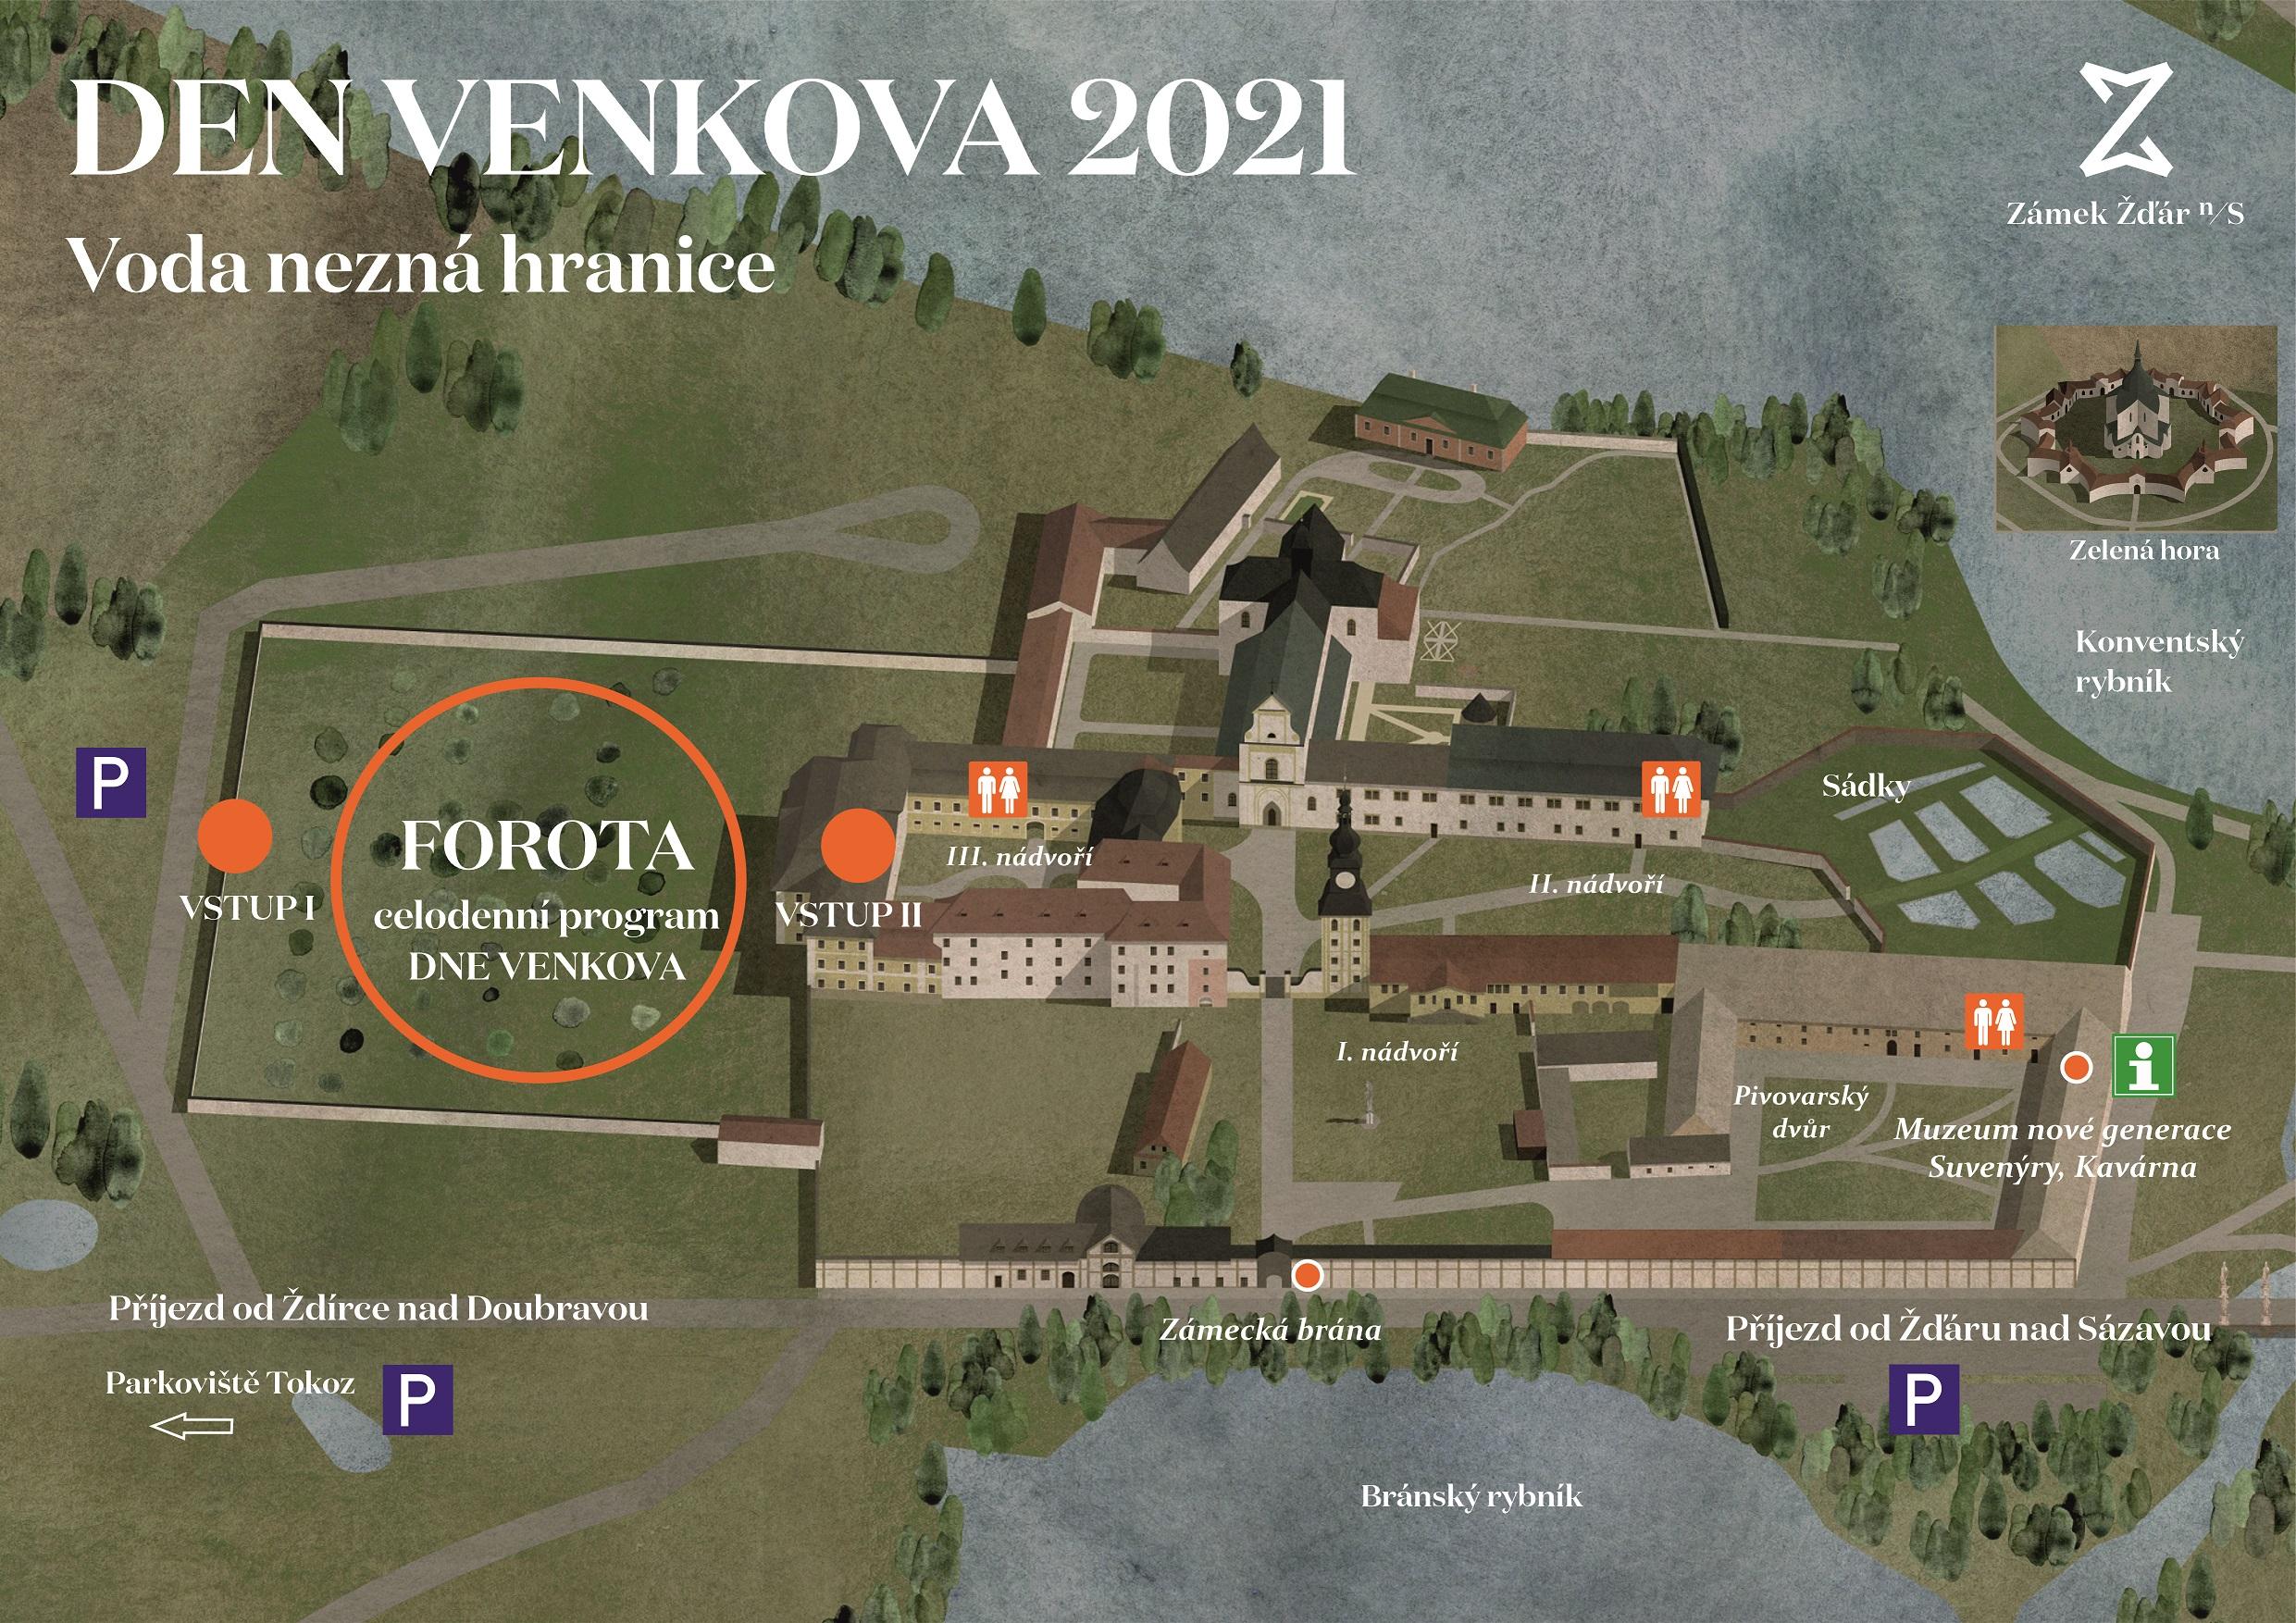 Den venkova 2021 - mapa